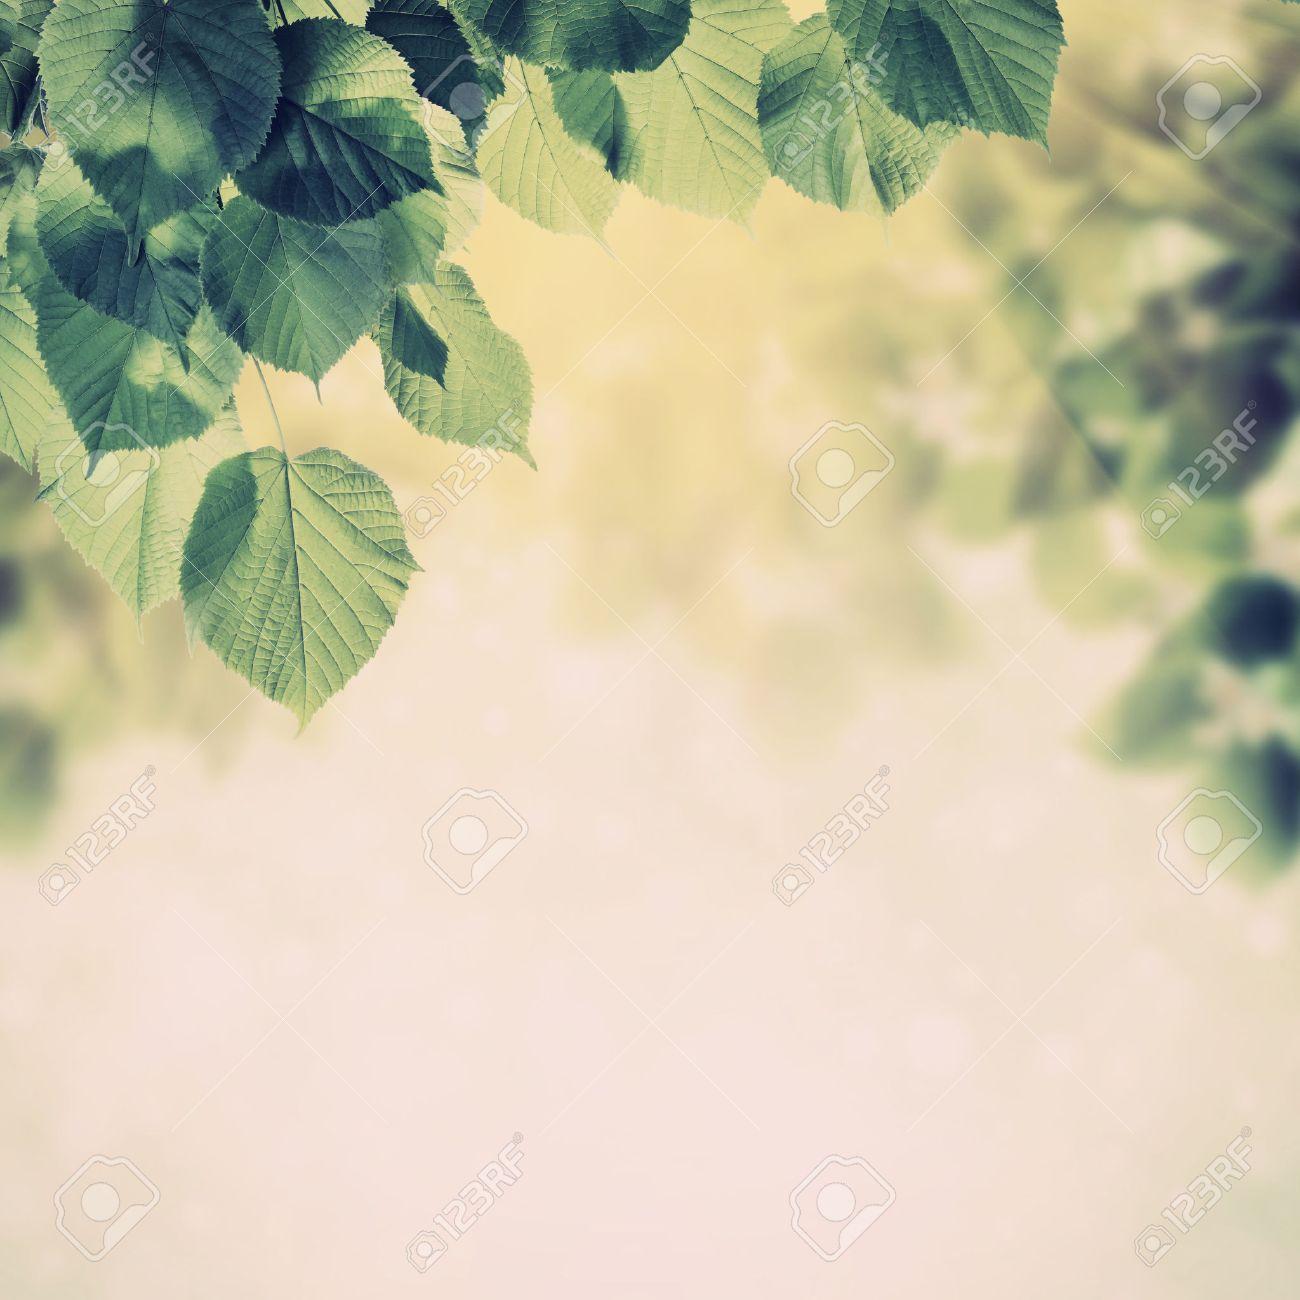 Natuur achtergronden royalty vrije foto's, plaatjes, beelden en ...